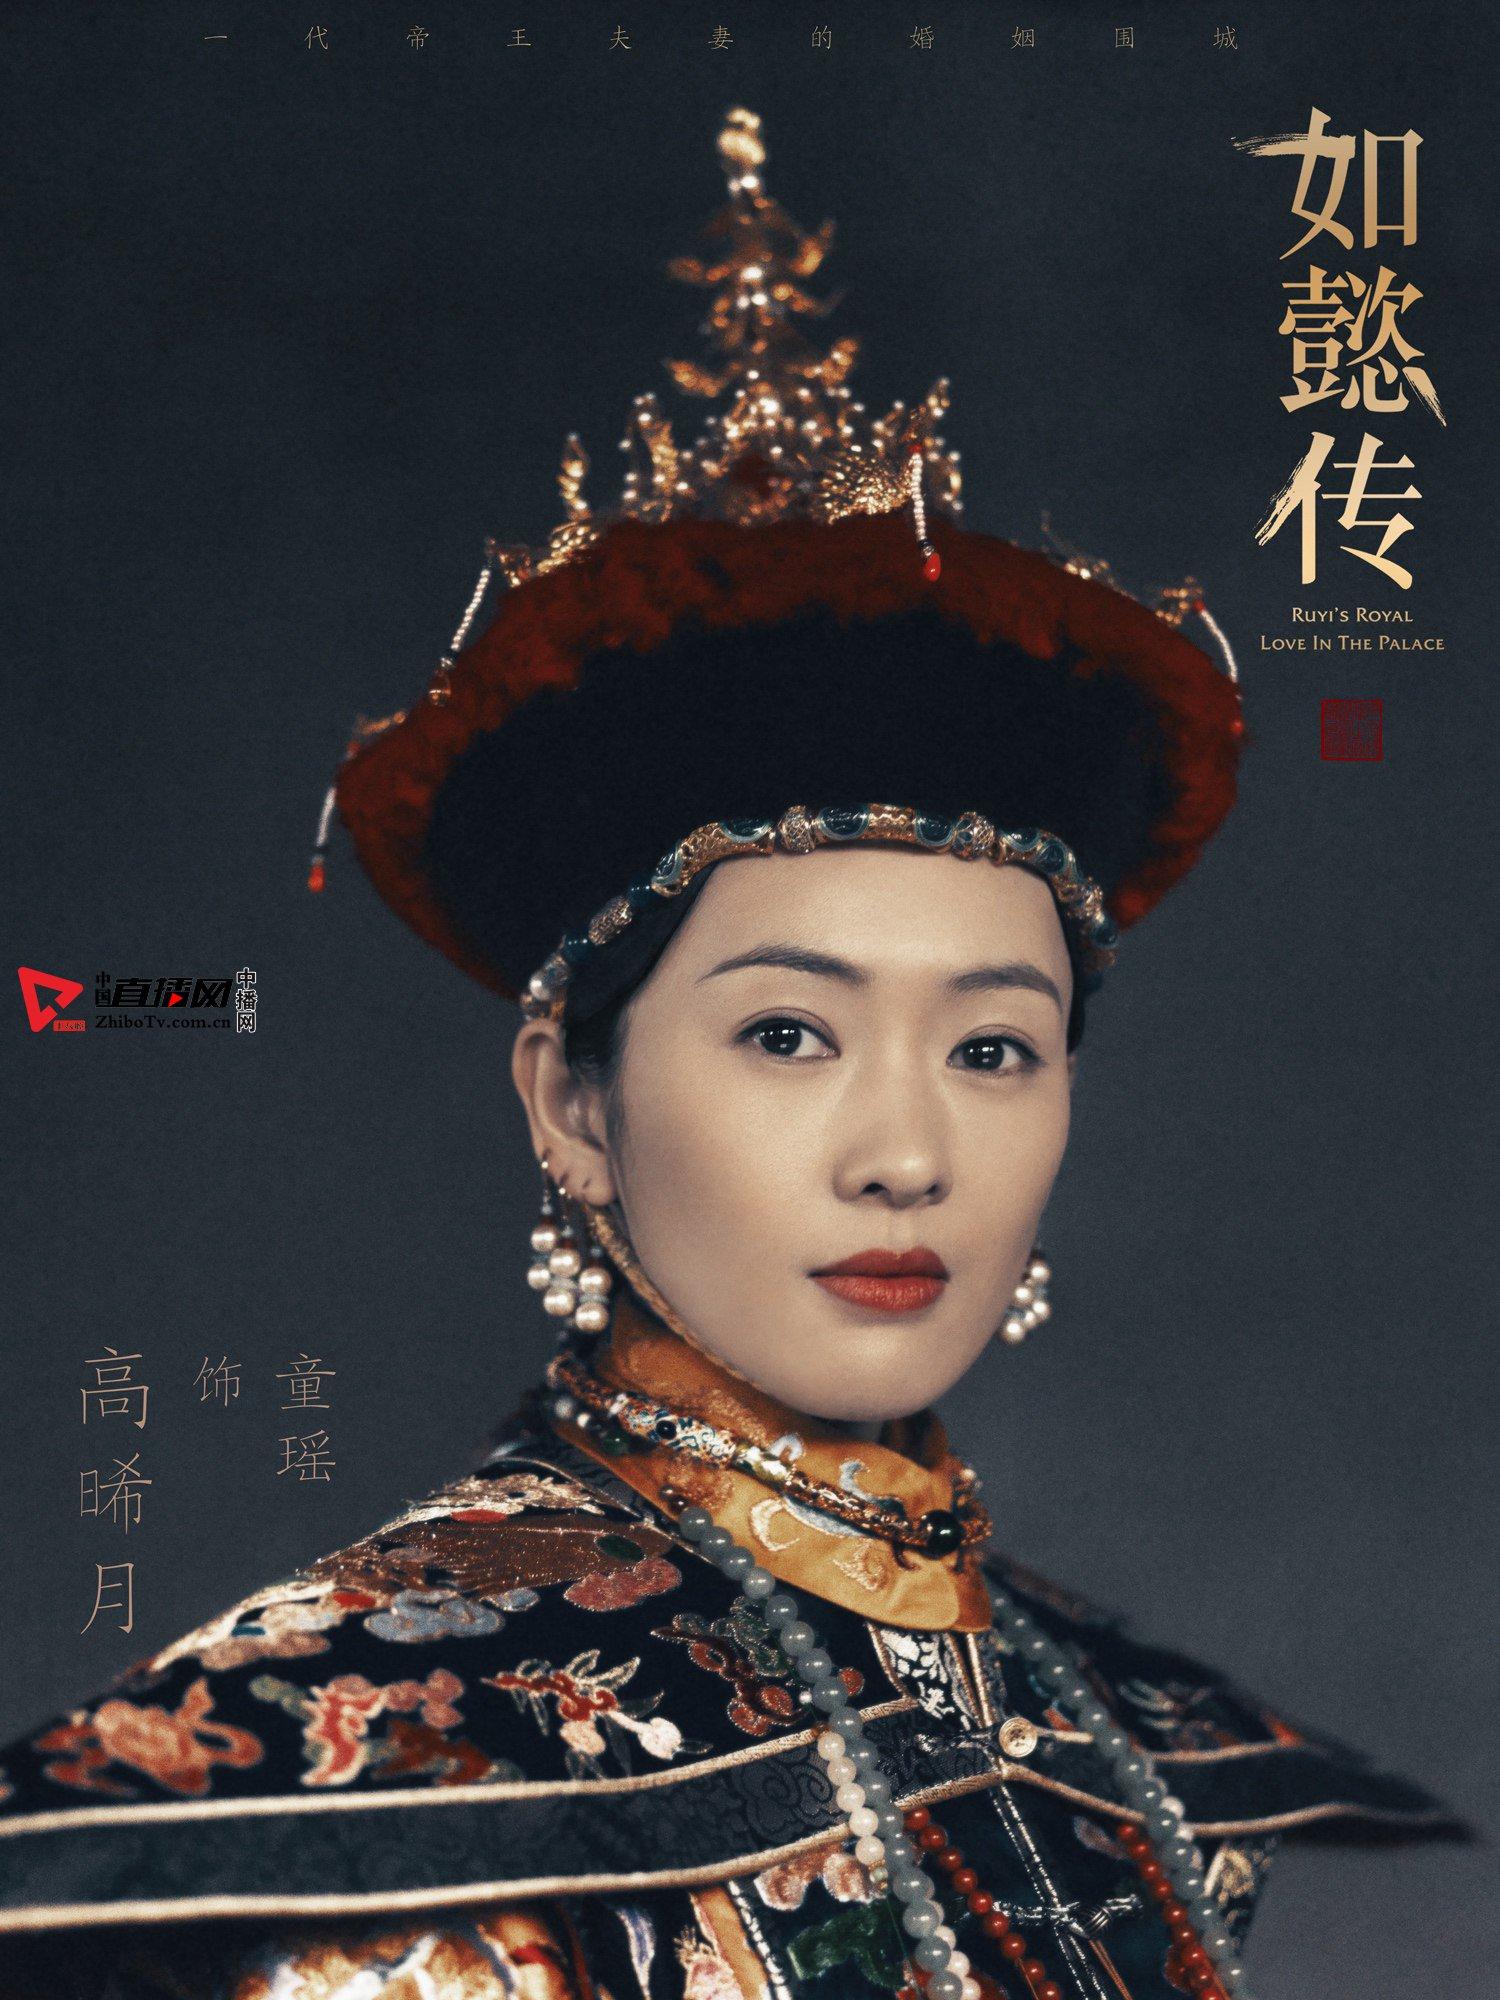 《如懿传》今日开播 童瑶首演清宫戏引期待